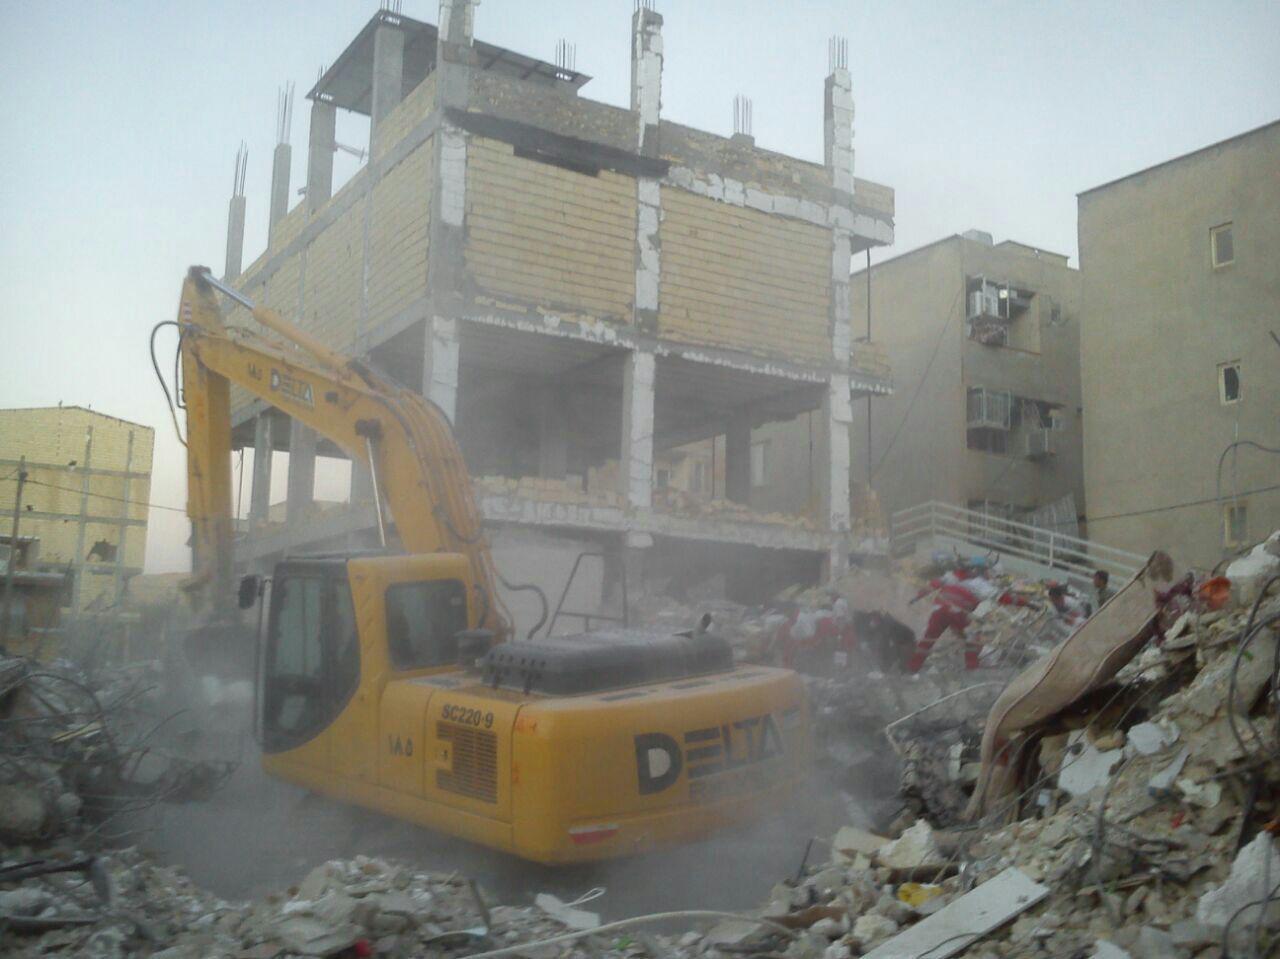 اعلام آمادگی دانشکده علوم پزشکی ایرانشهر برای کمک به زلزله زدگان مناطق غربی کشور